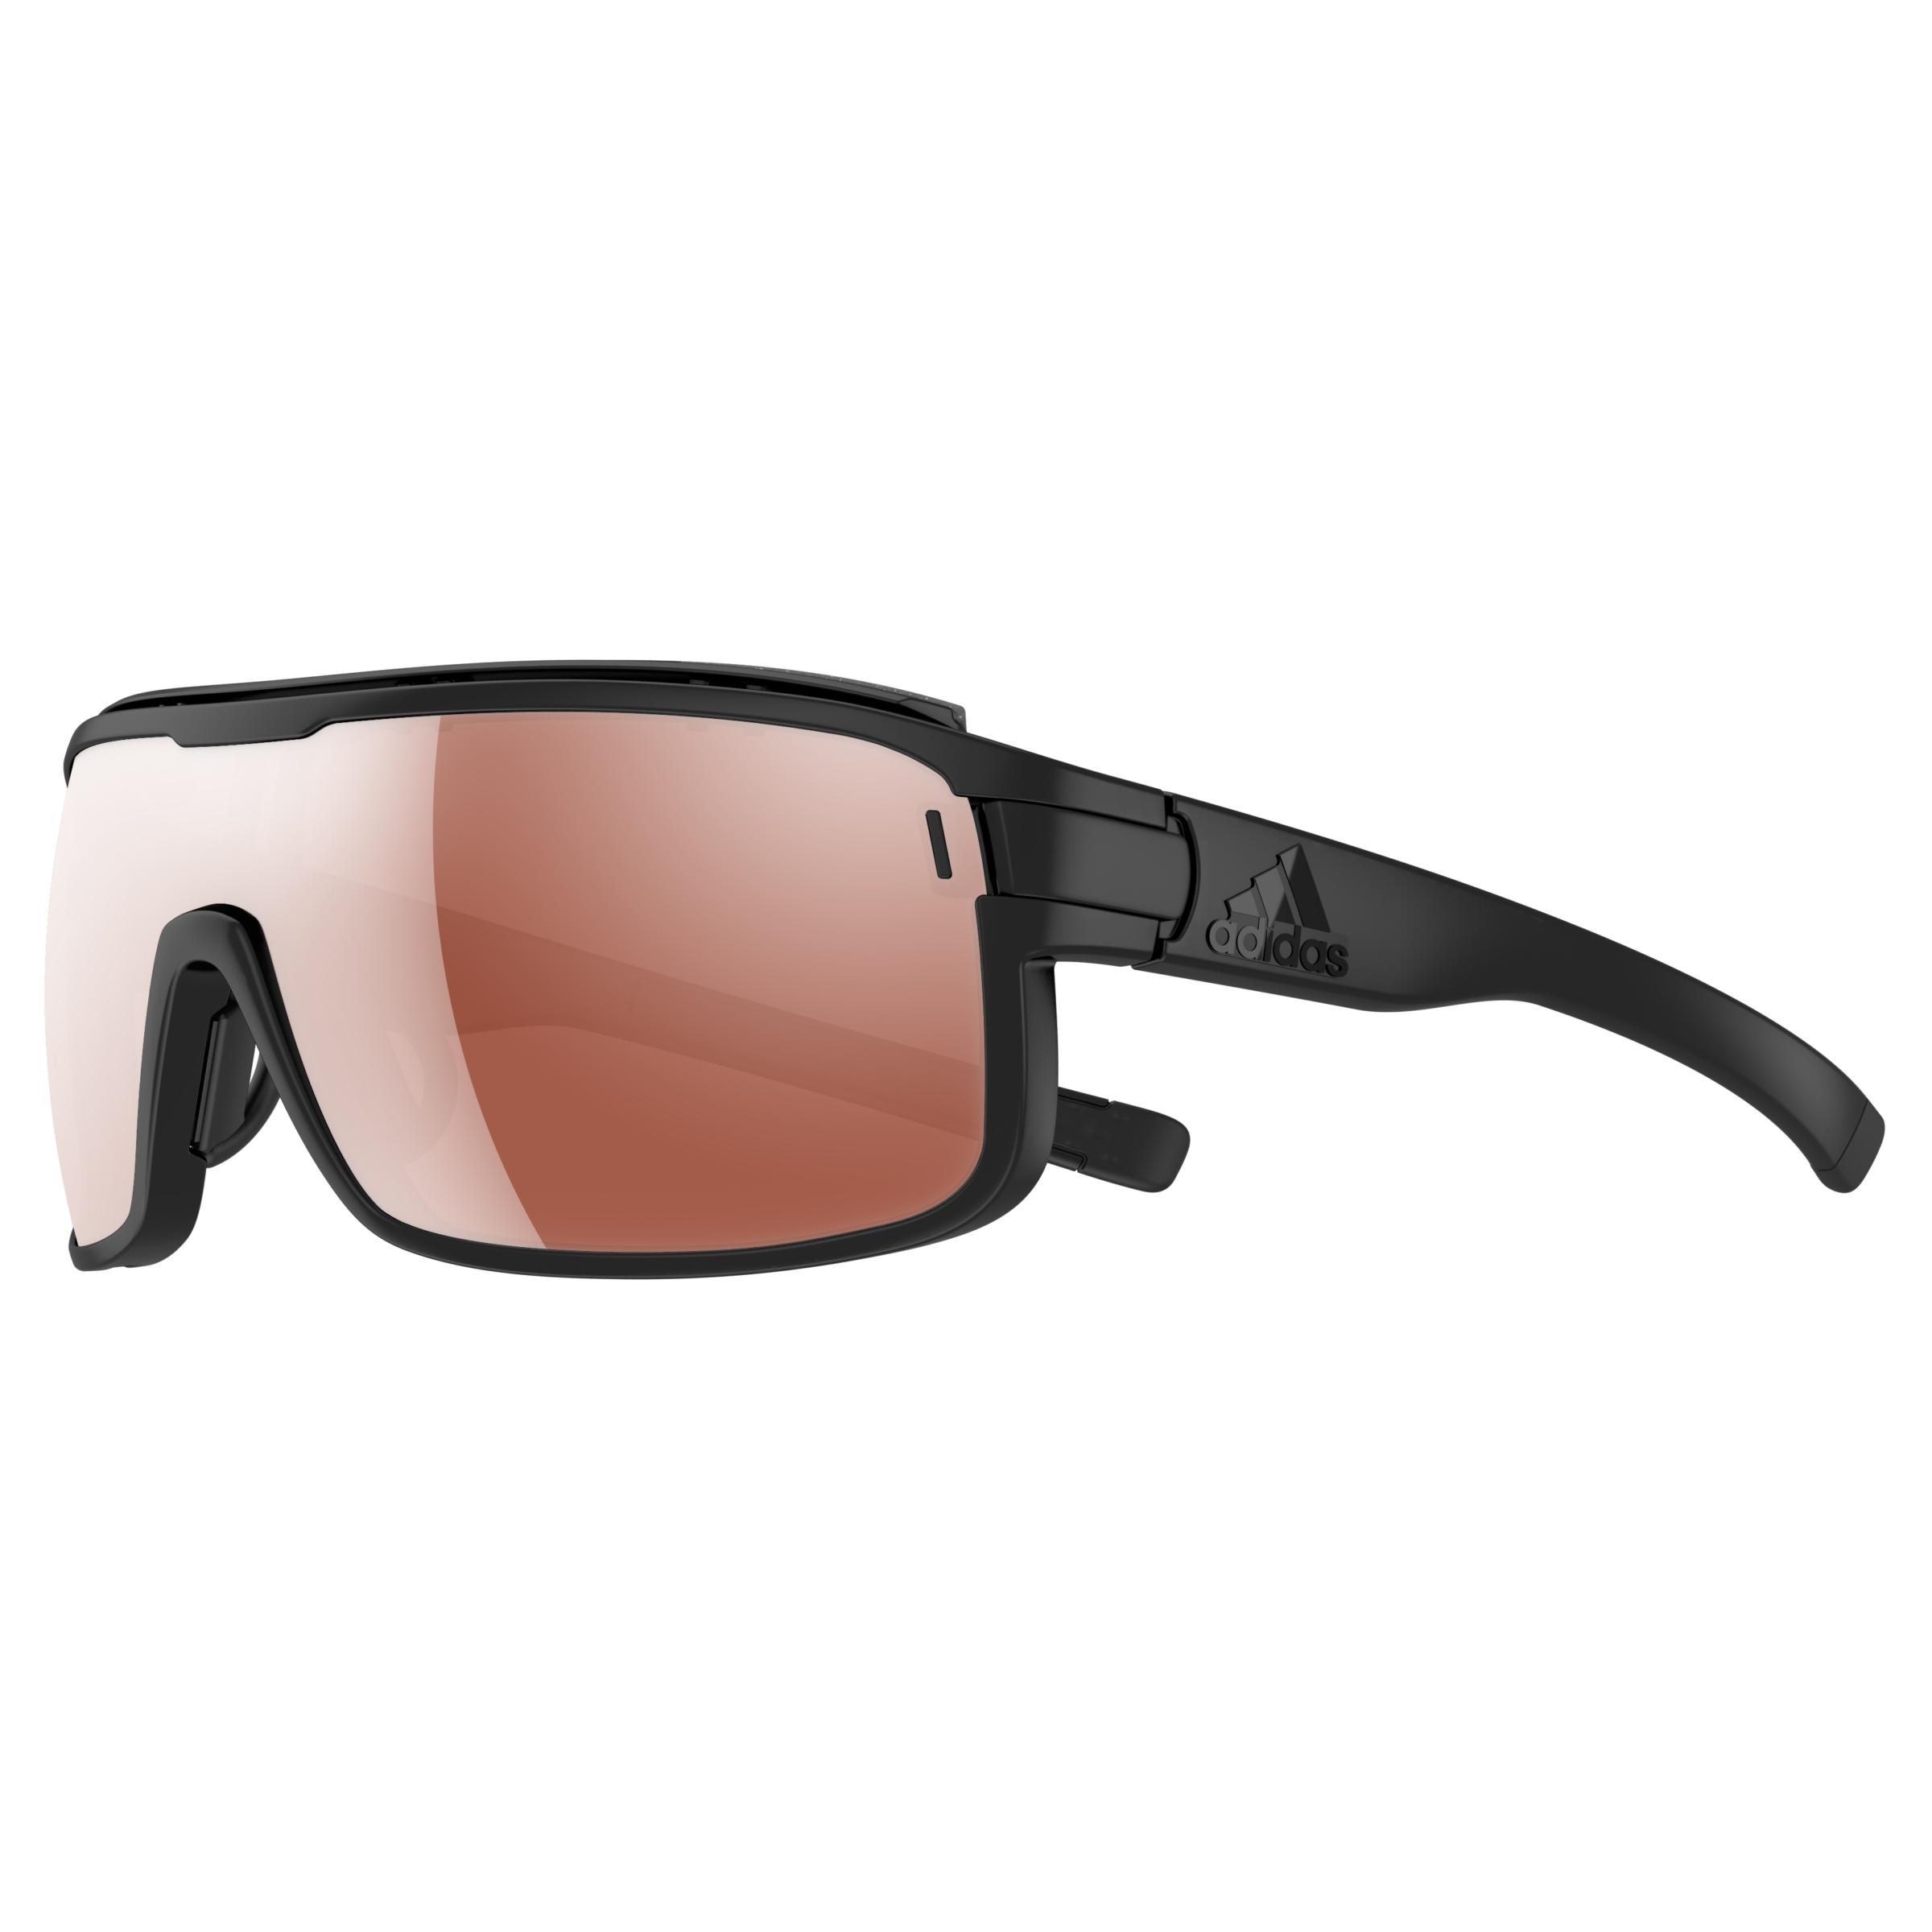 Adidas ad02 6051 zonyk pro Sonnenbrille Sportbrille ZRHEAZ